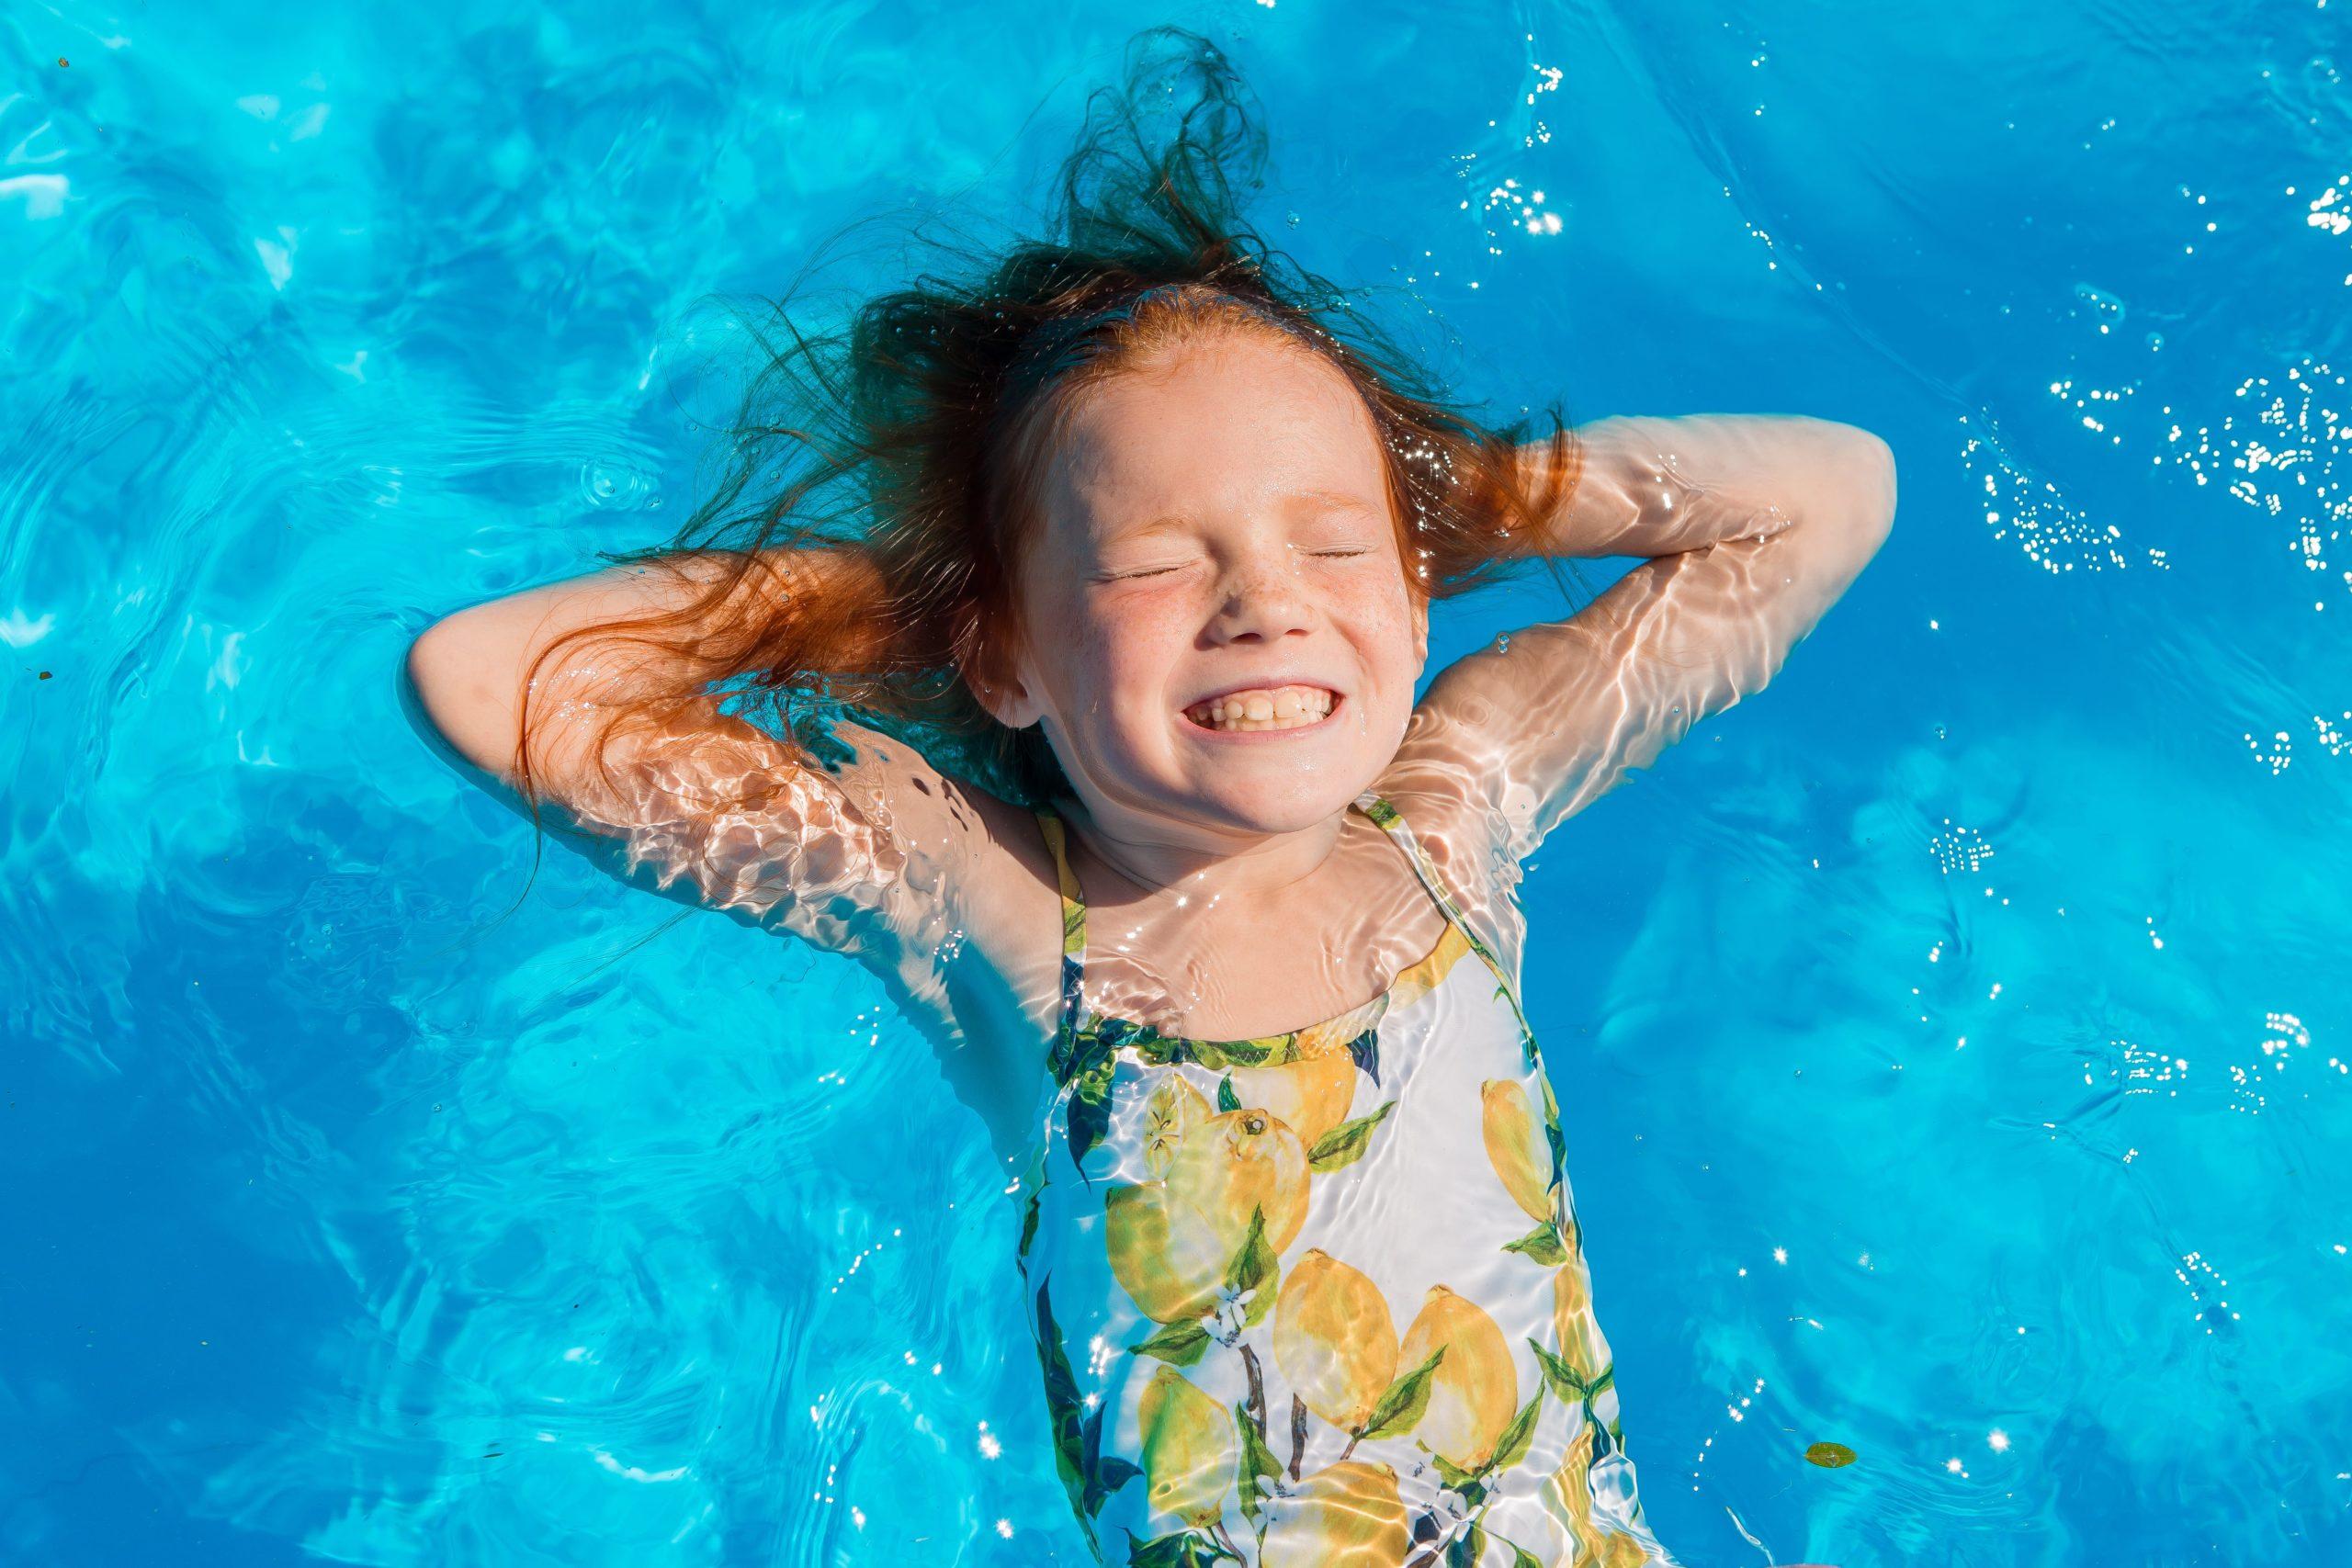 limpiar_piscina_cuando_llueve_barro